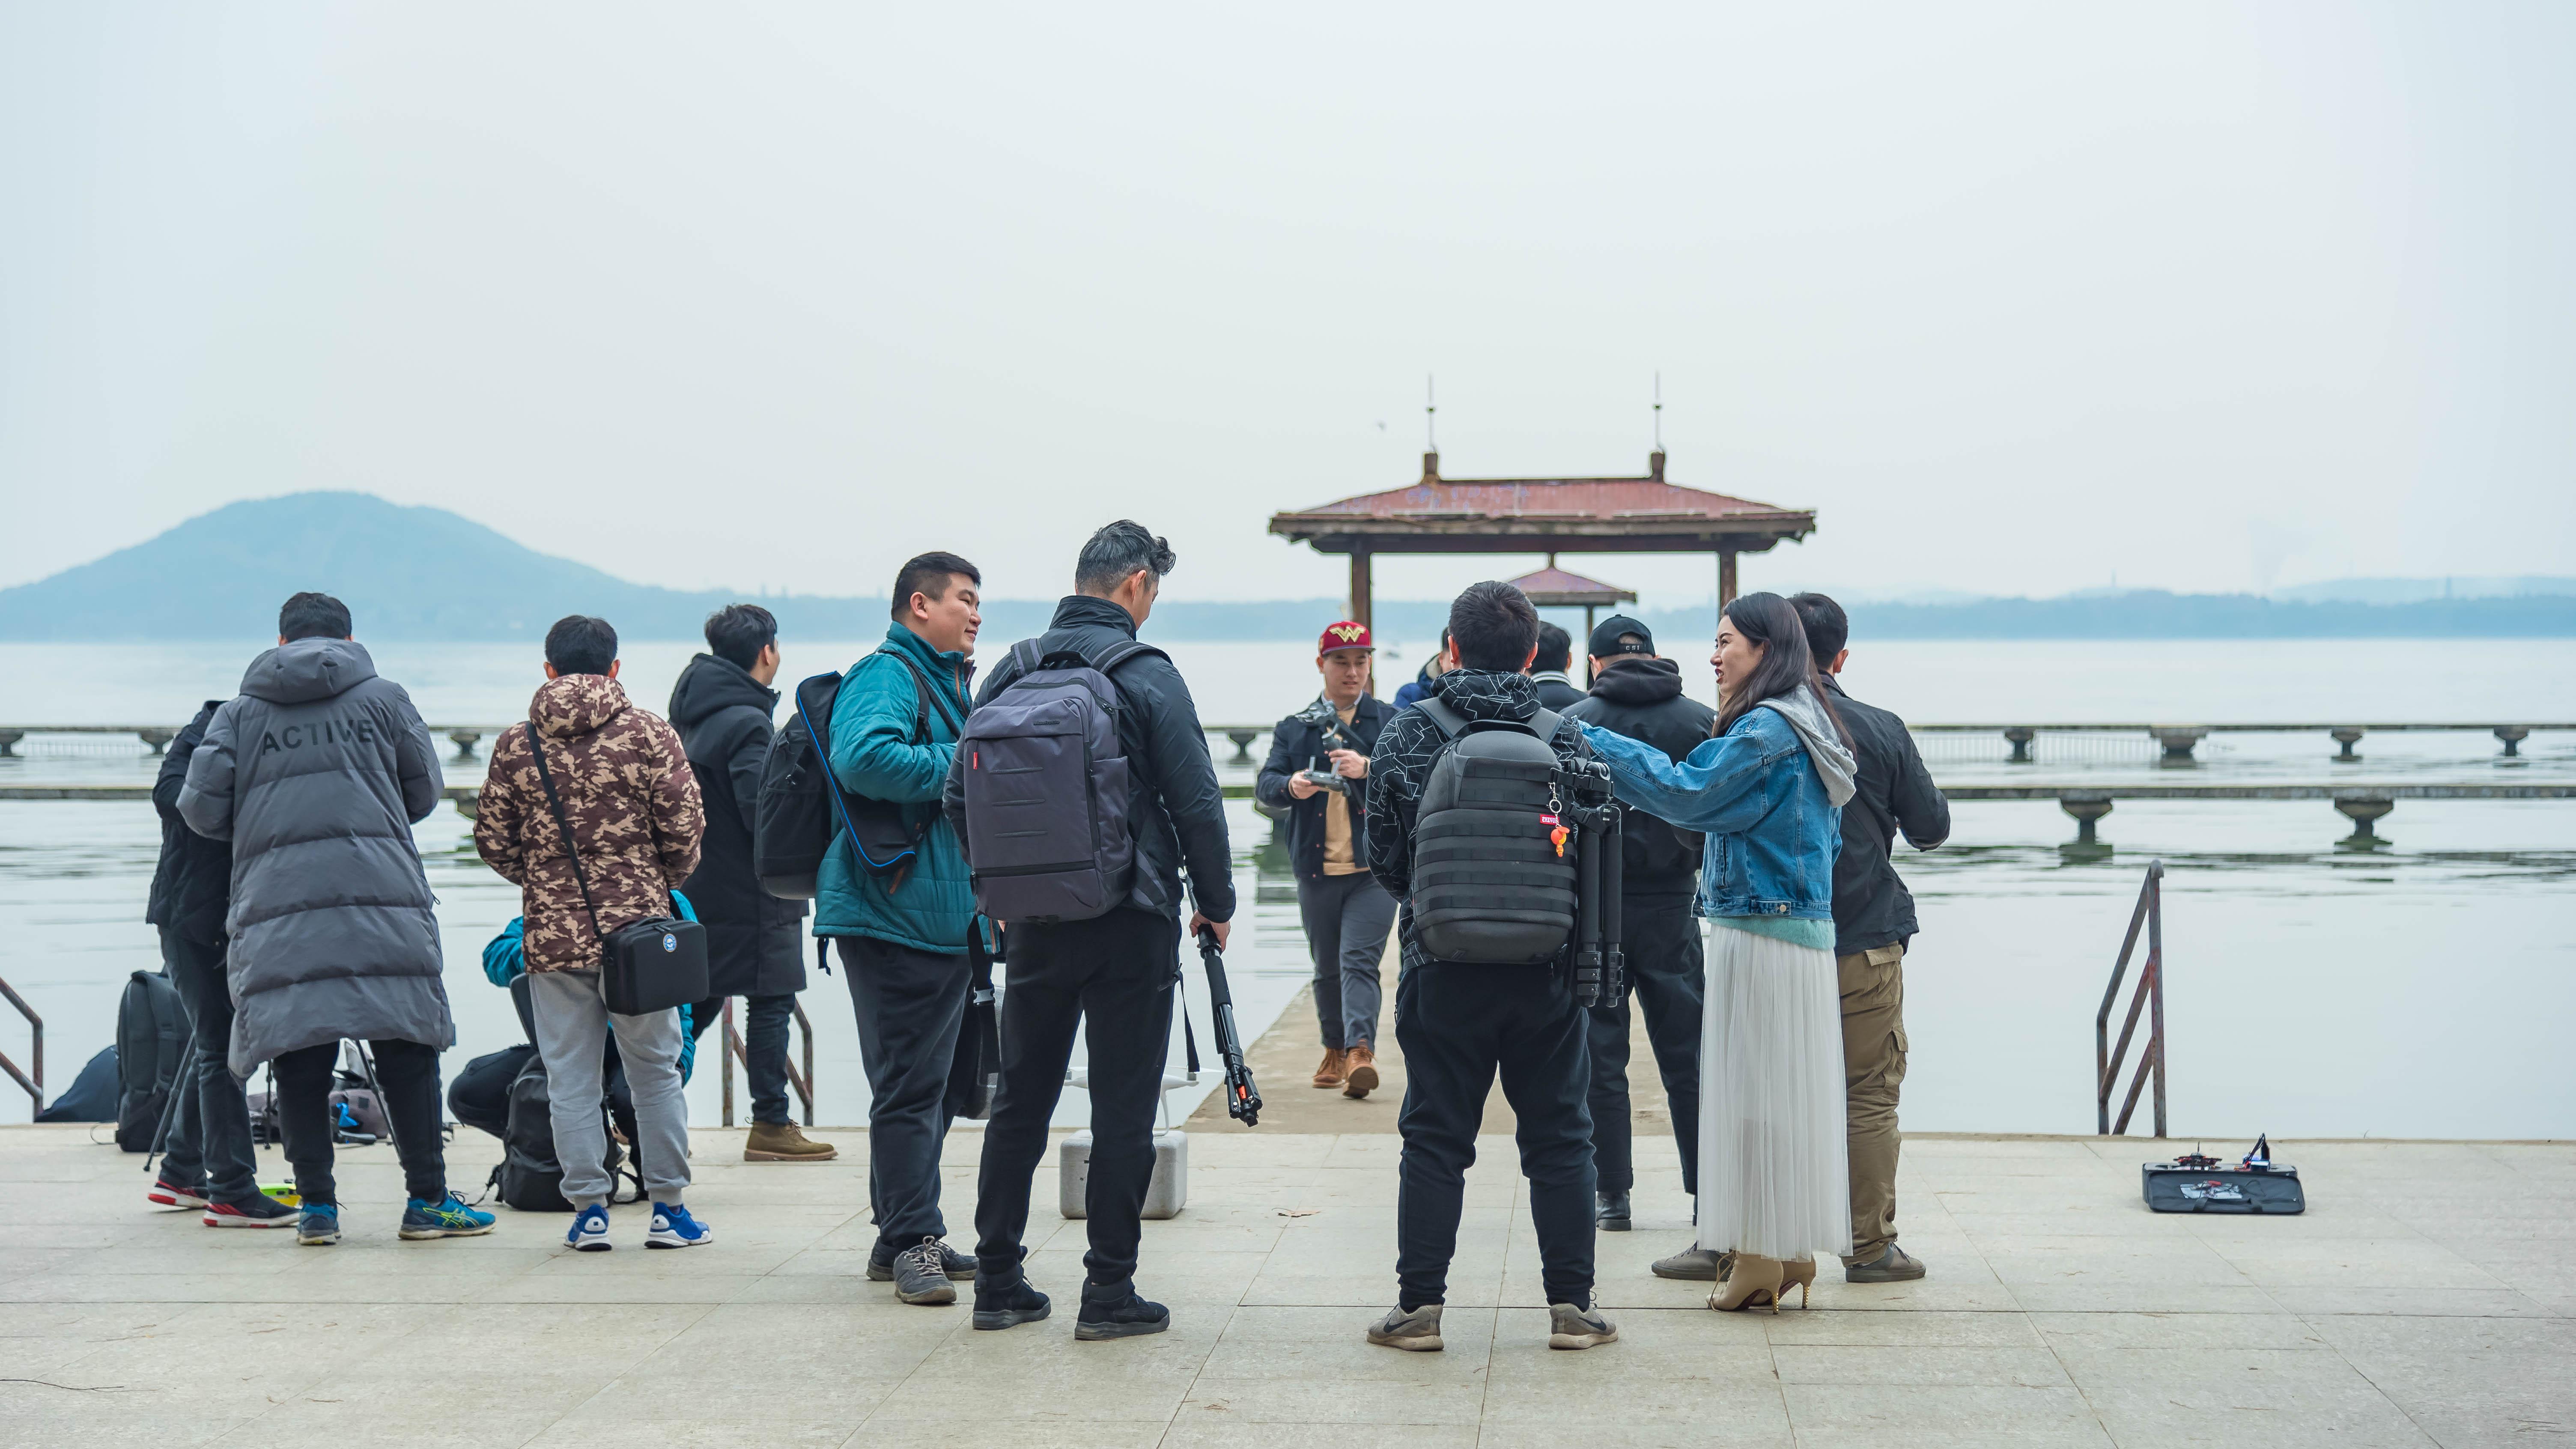 聚餐后在武汉东湖听涛泳场开始交流